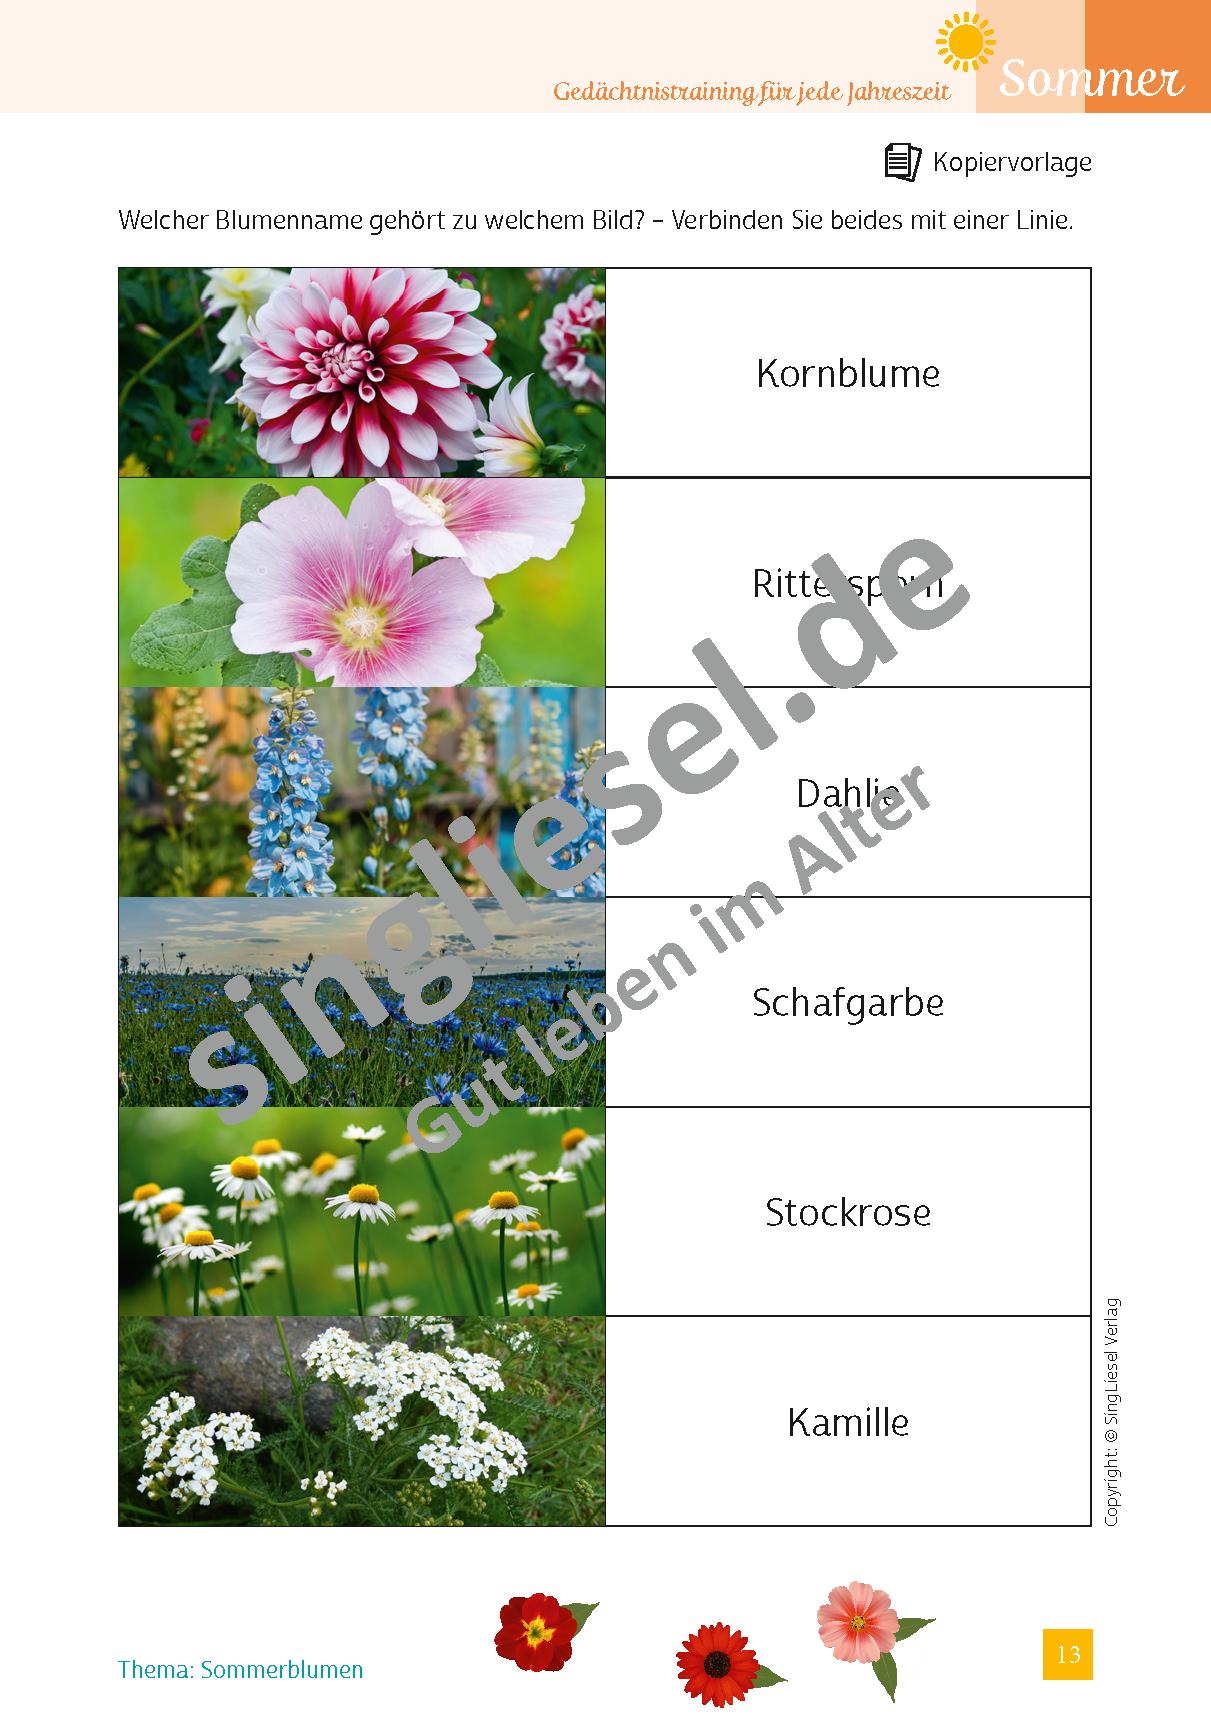 ESD-0001-037-001__Vorschau-13apQcJfh1v6jtk